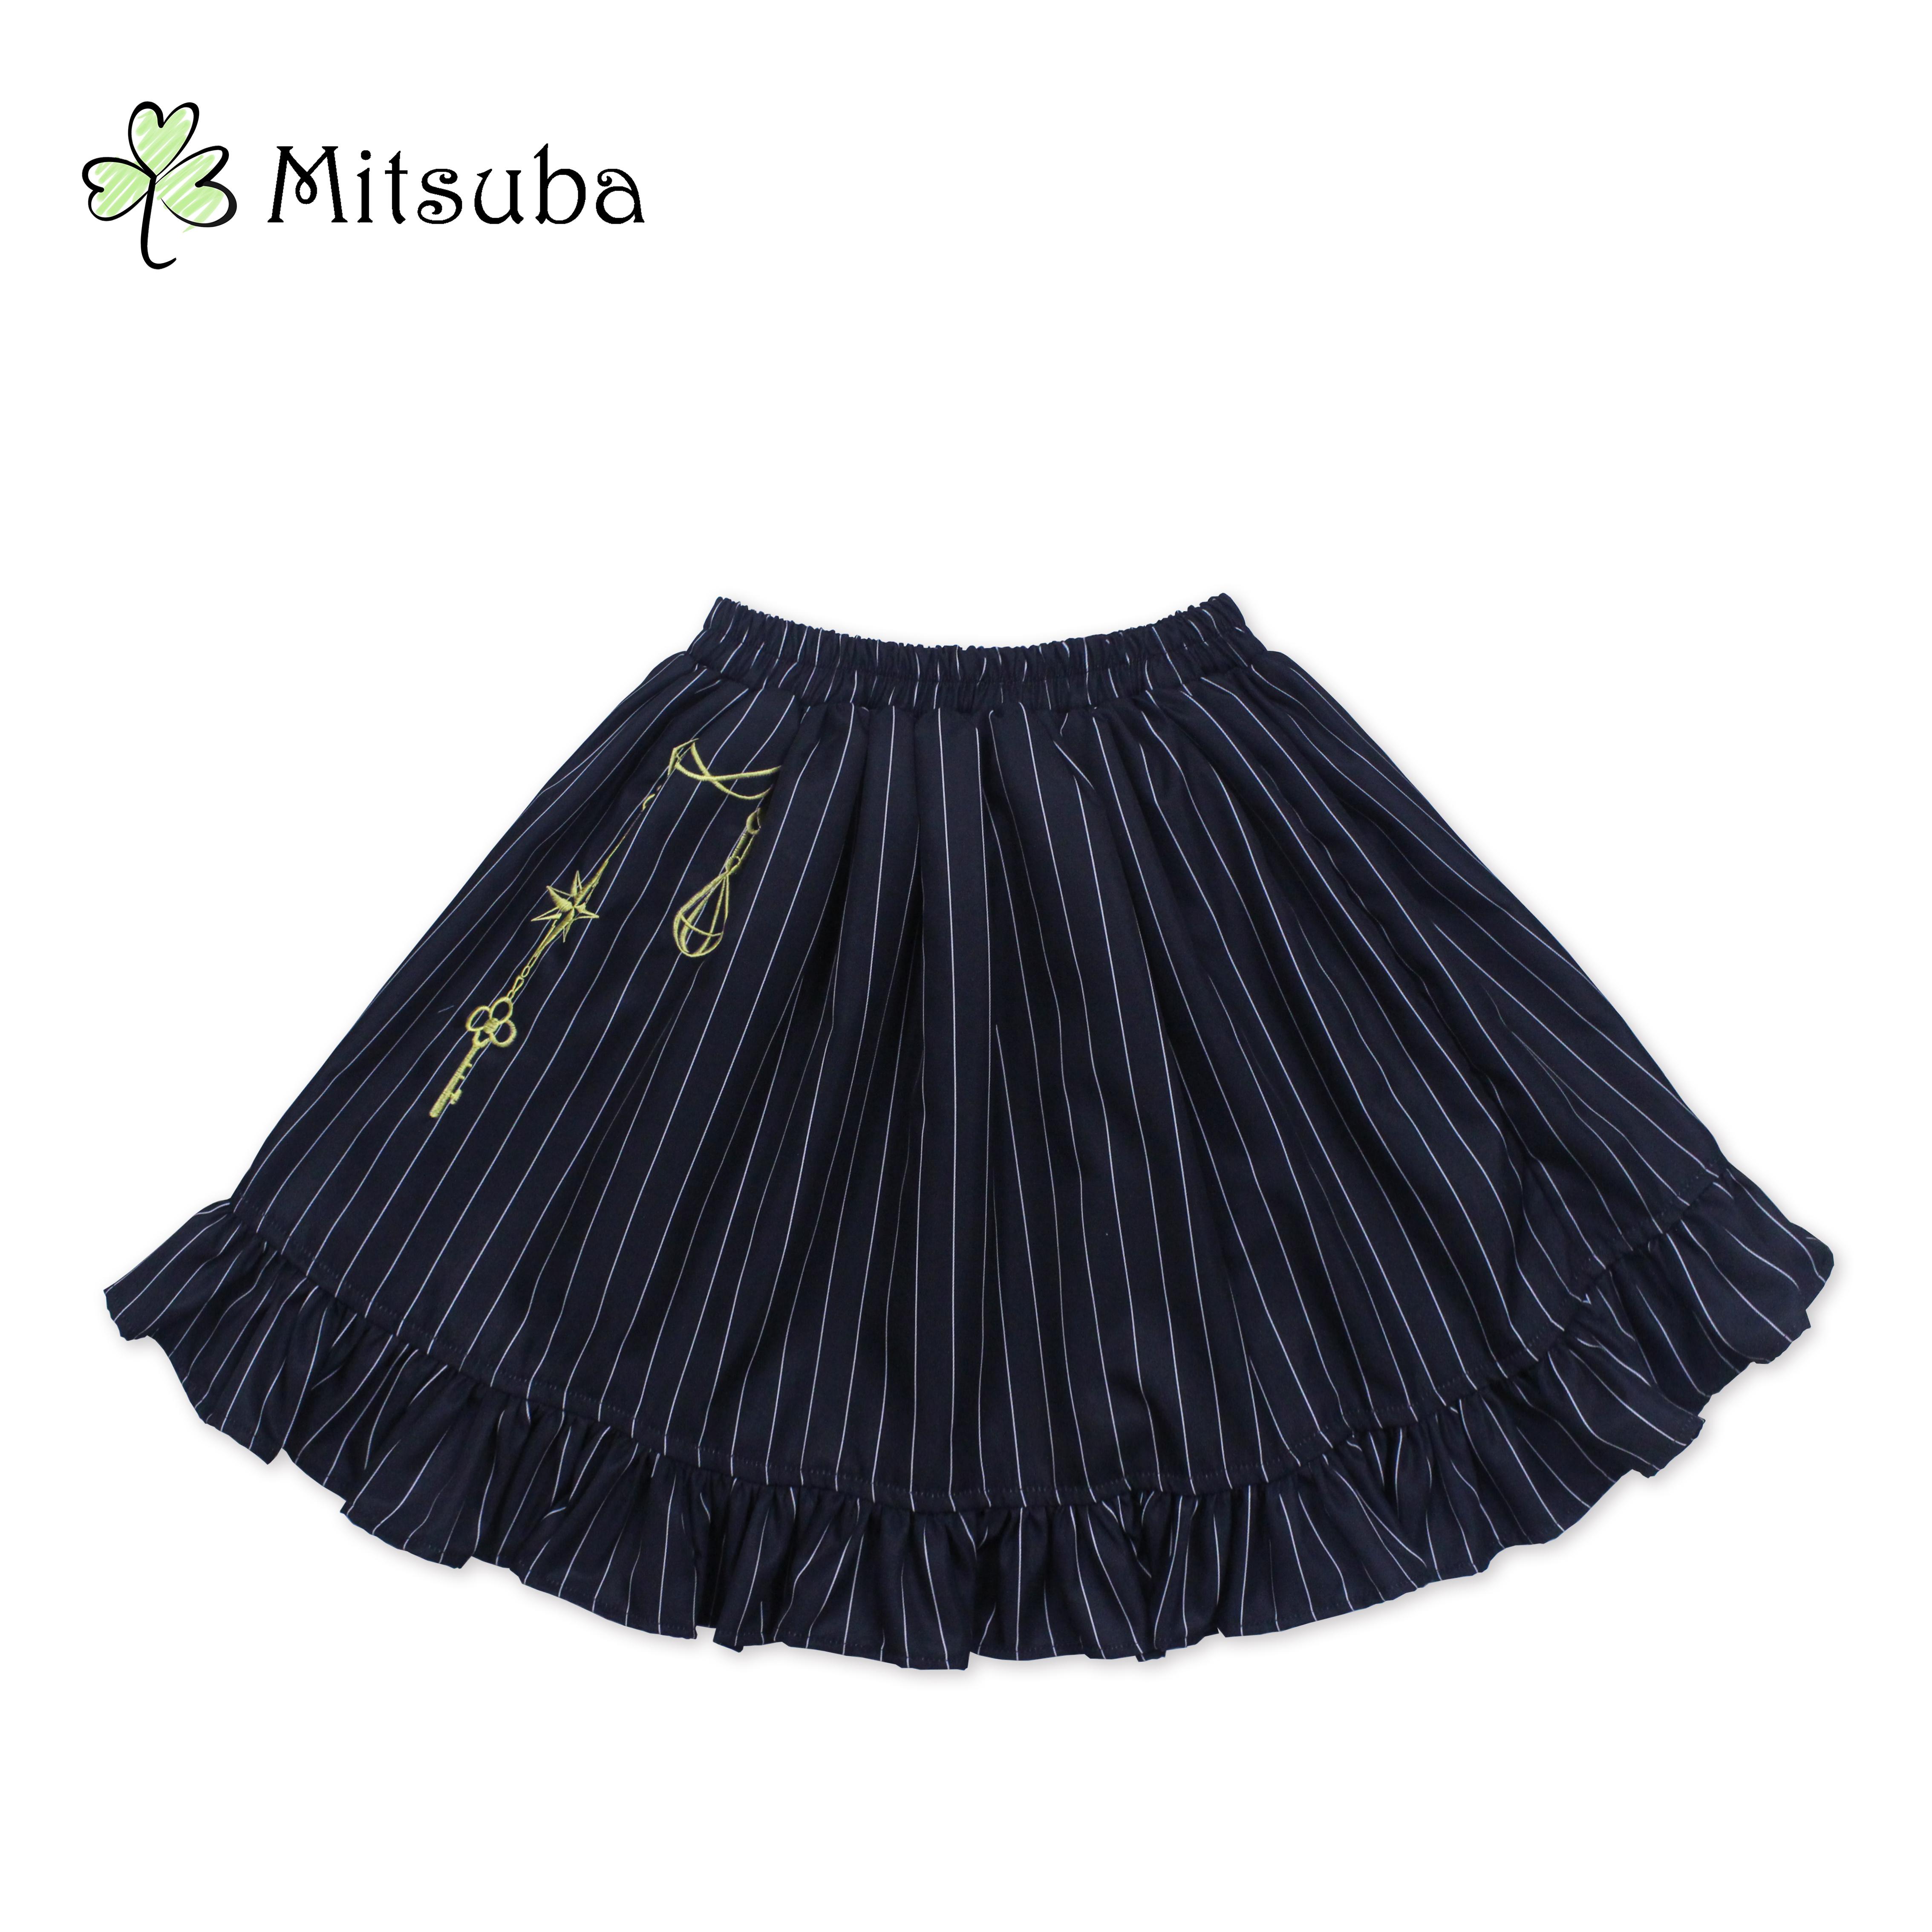 【清仓预约】三叶亭Mitsuba 原创设计 星之钥匙 sk条纹半裙刺绣